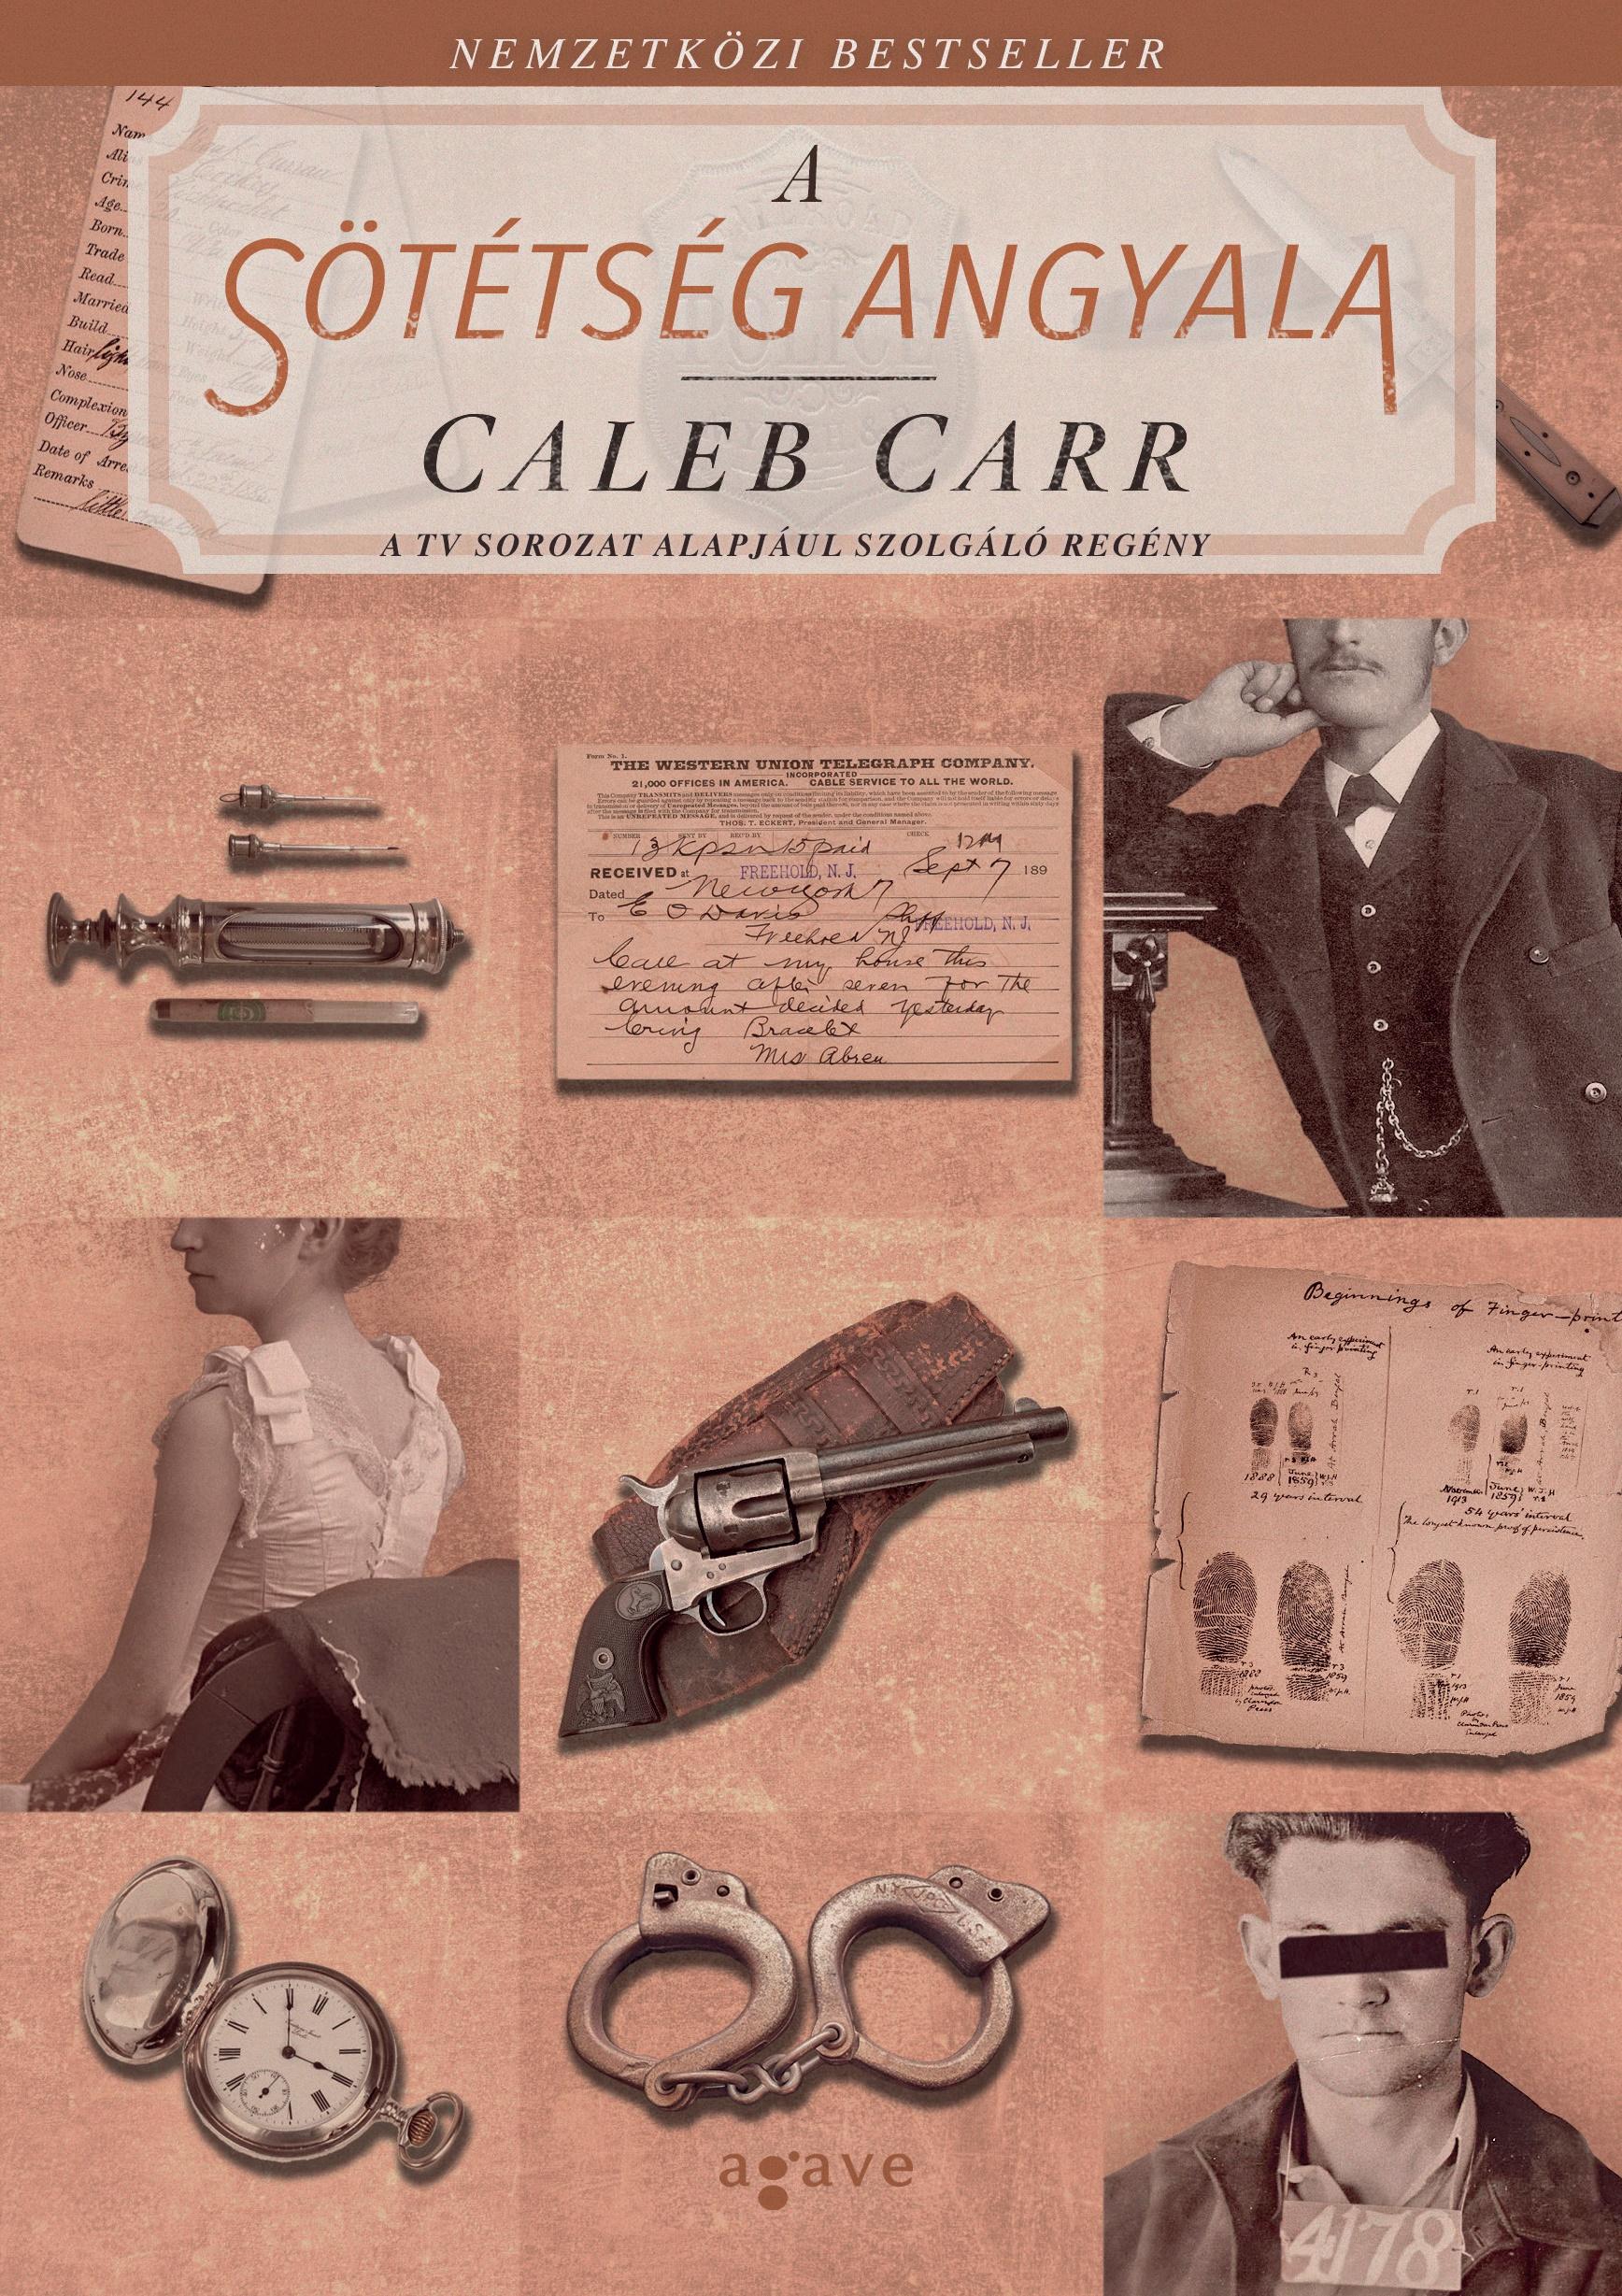 Caleb Carr - A sötétség angyala